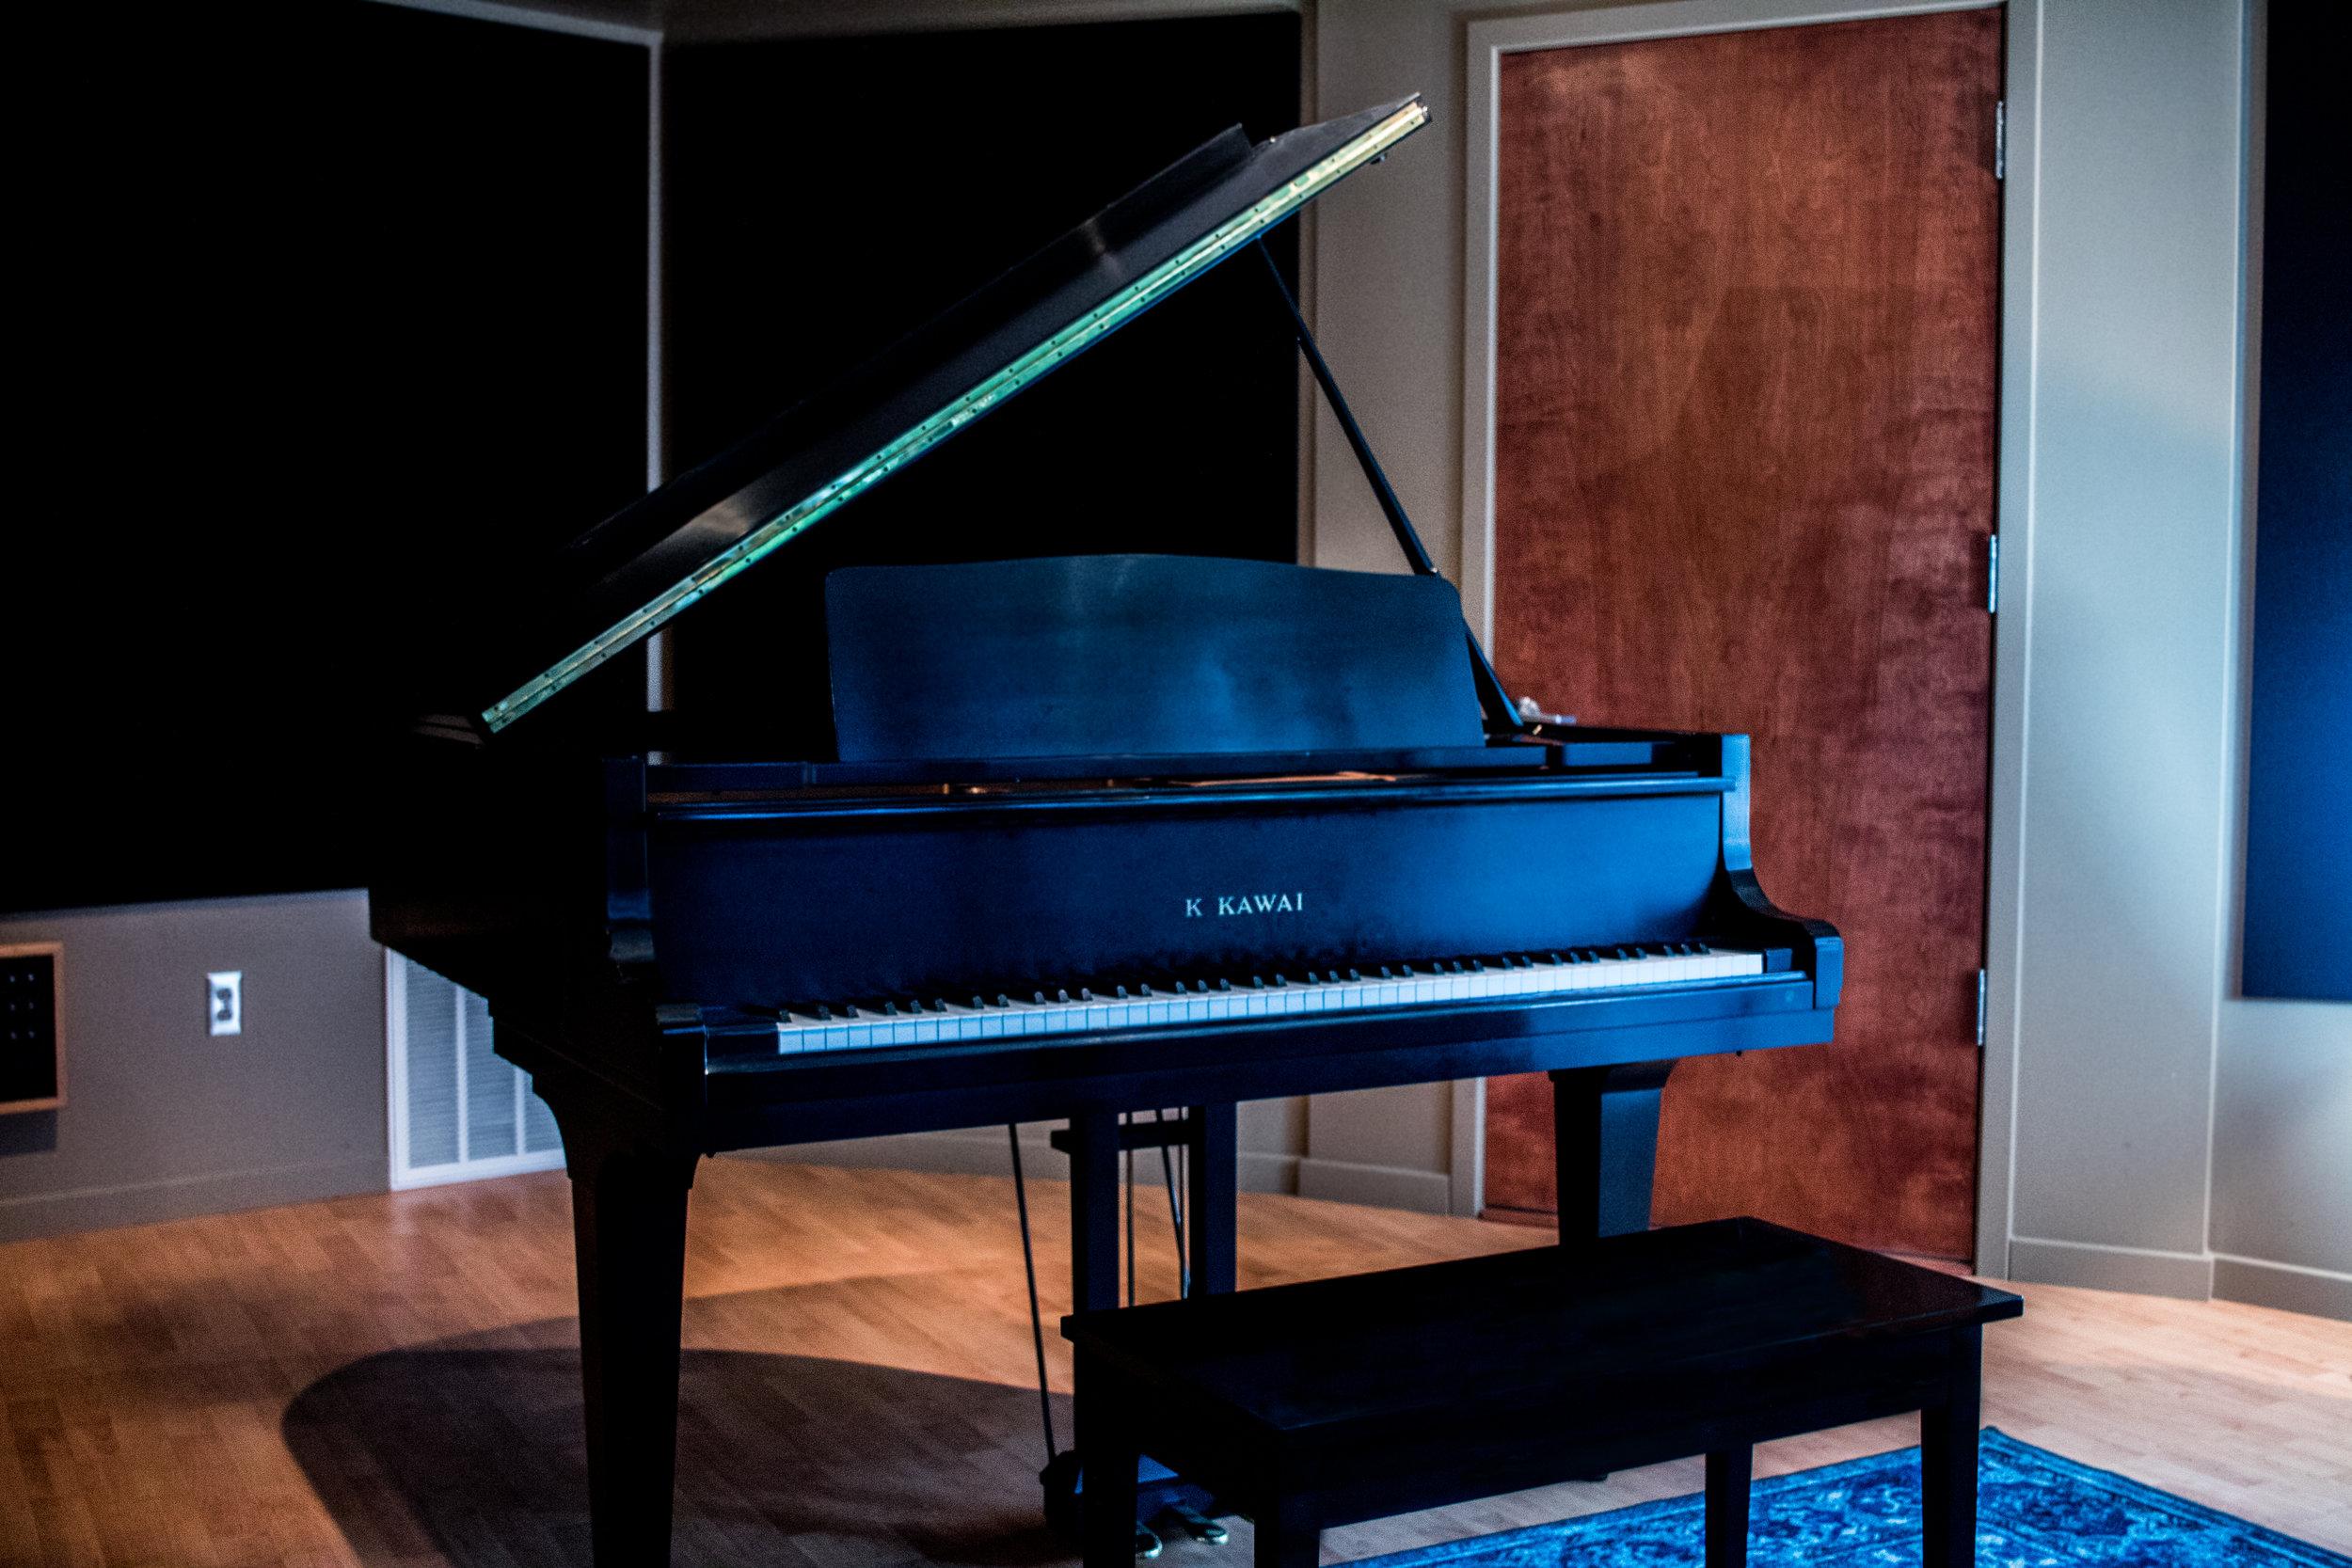 Piano Straight_edited.jpg